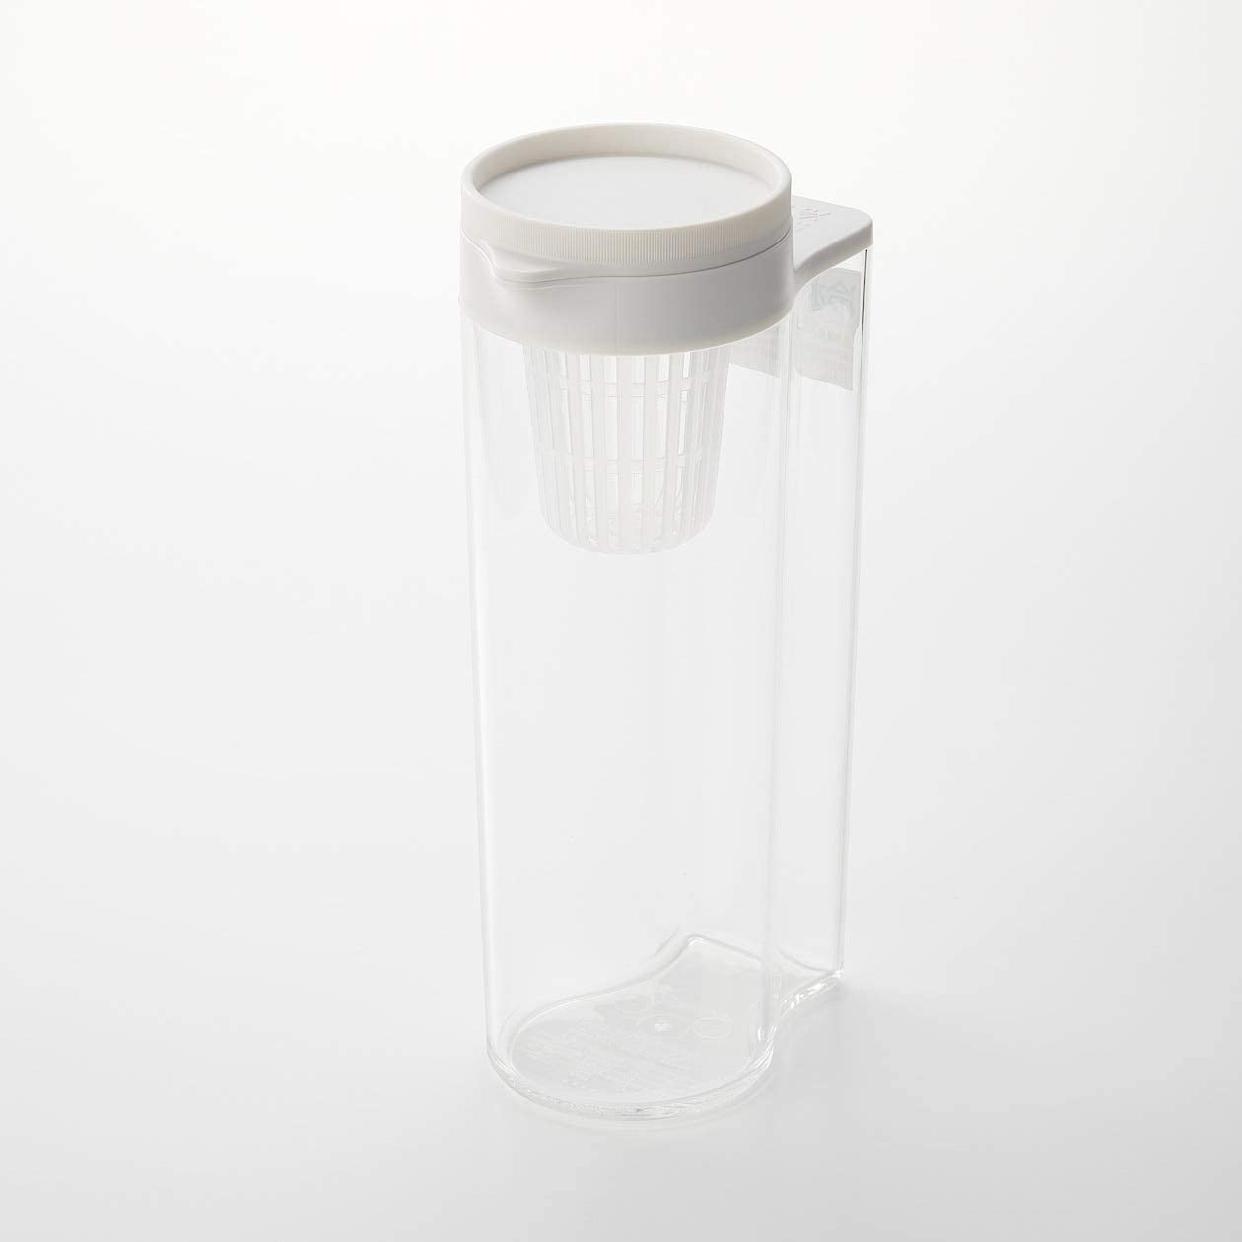 無印良品(MUJI) アクリル冷水筒 冷水専用約2L 44220931の商品画像2